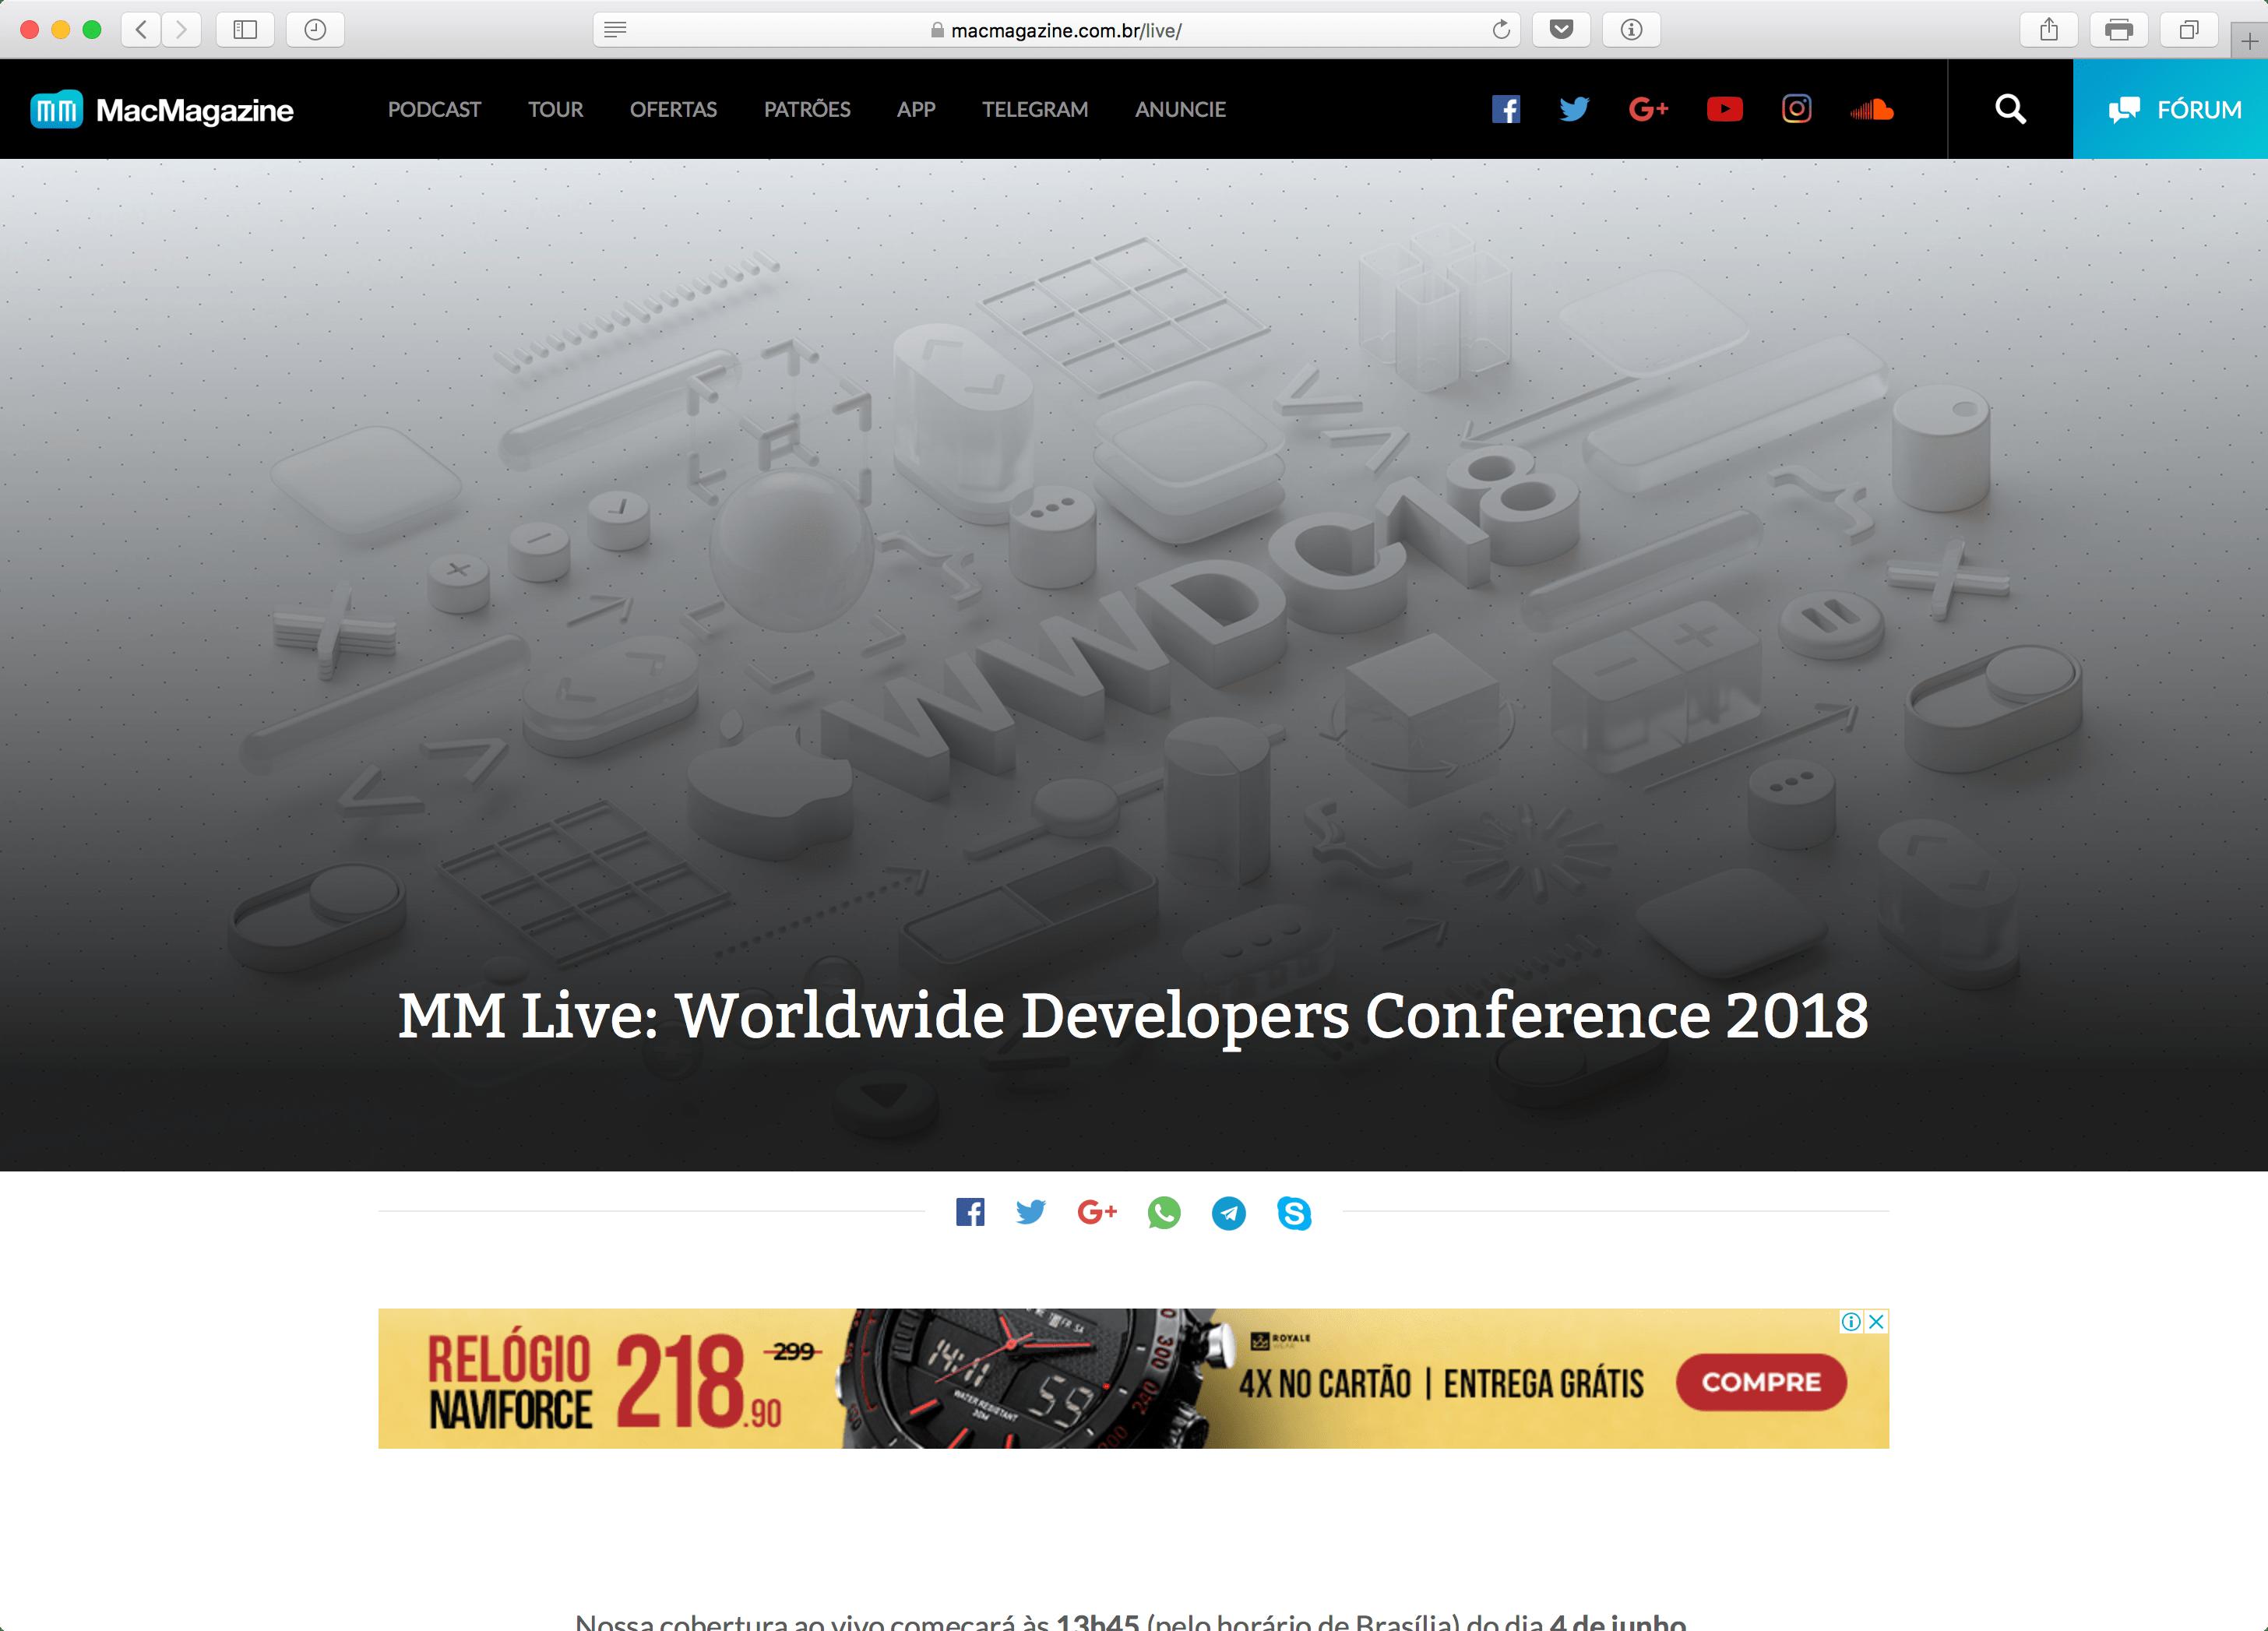 MM Live da WWDC18